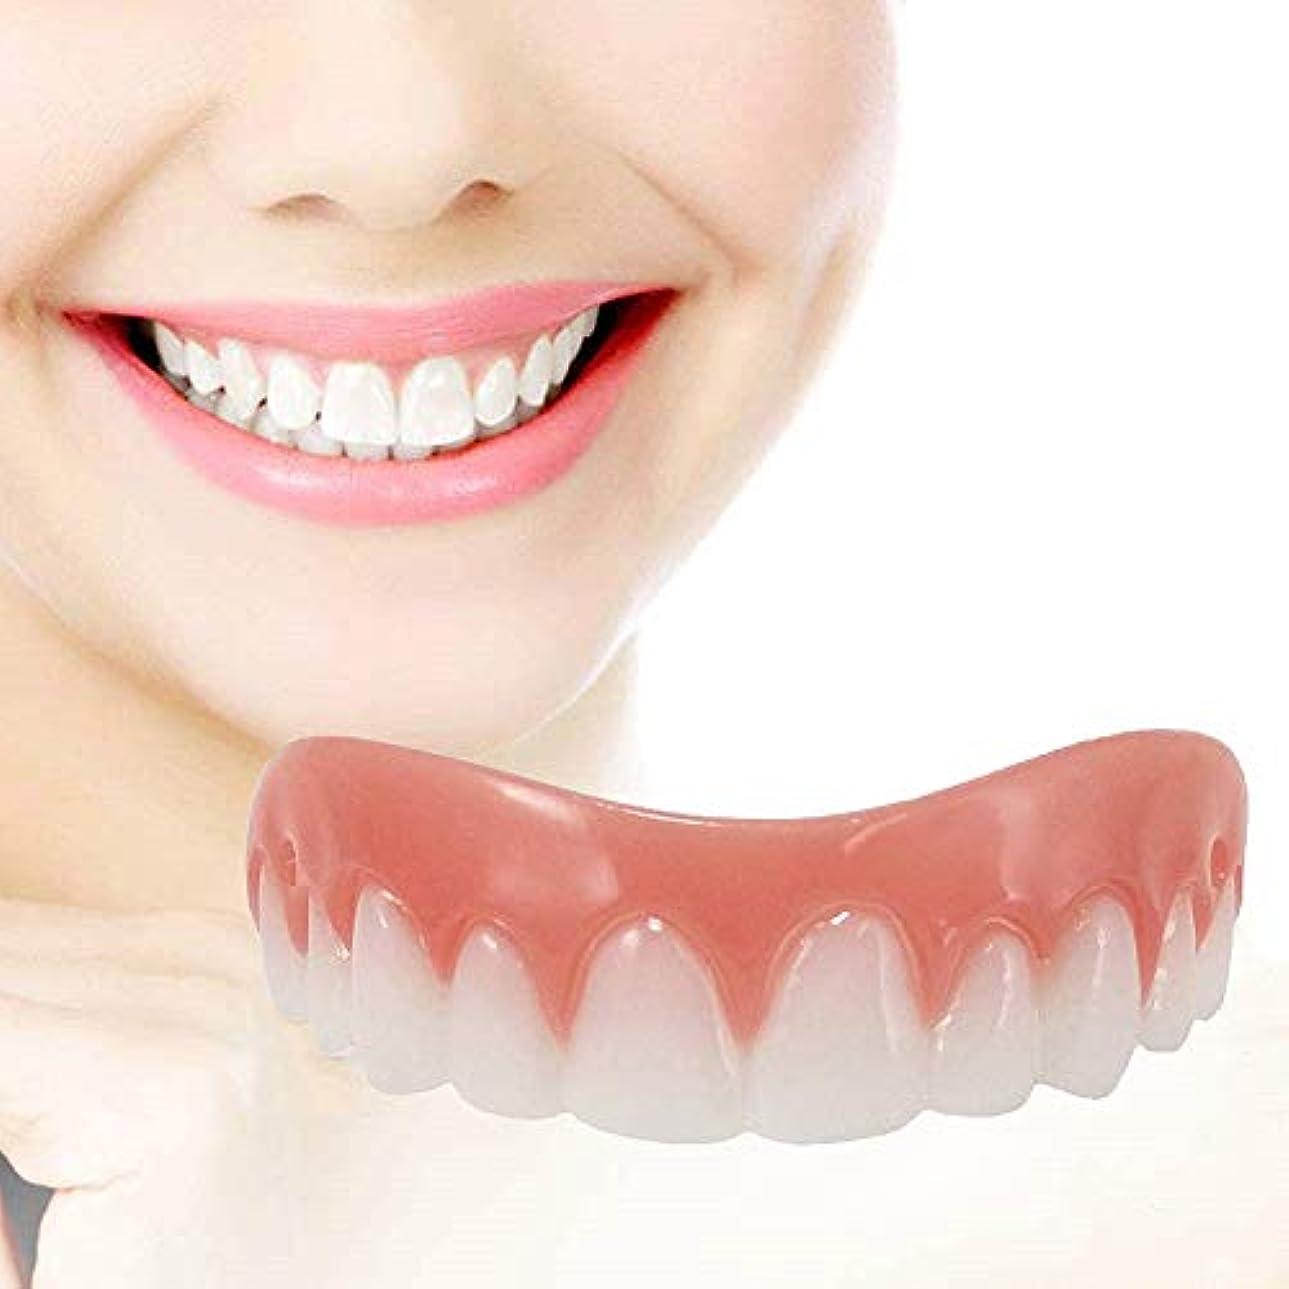 ツール後配分女性、人のために白くなる即刻のベニヤの義歯の微笑の慰めの適合の屈曲の化粧品の偽歯